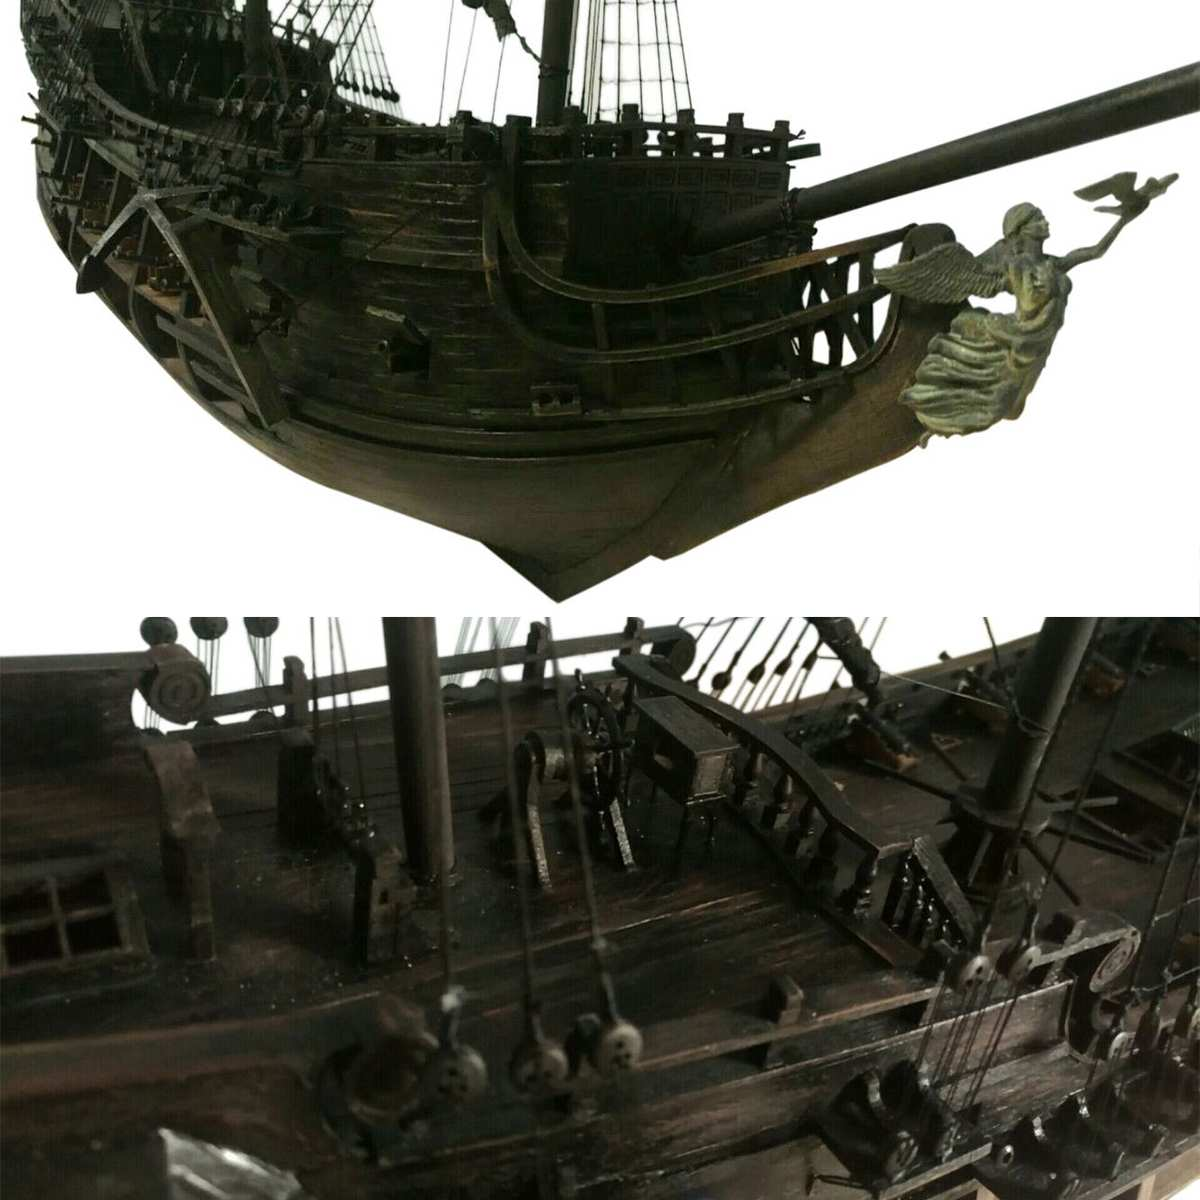 1:50 DIY De Black Pearl Model Schip Kits Voor Gift Voor s Van De Caribbean Diy Set Kits Montage Boot speelgoed model kit - 3